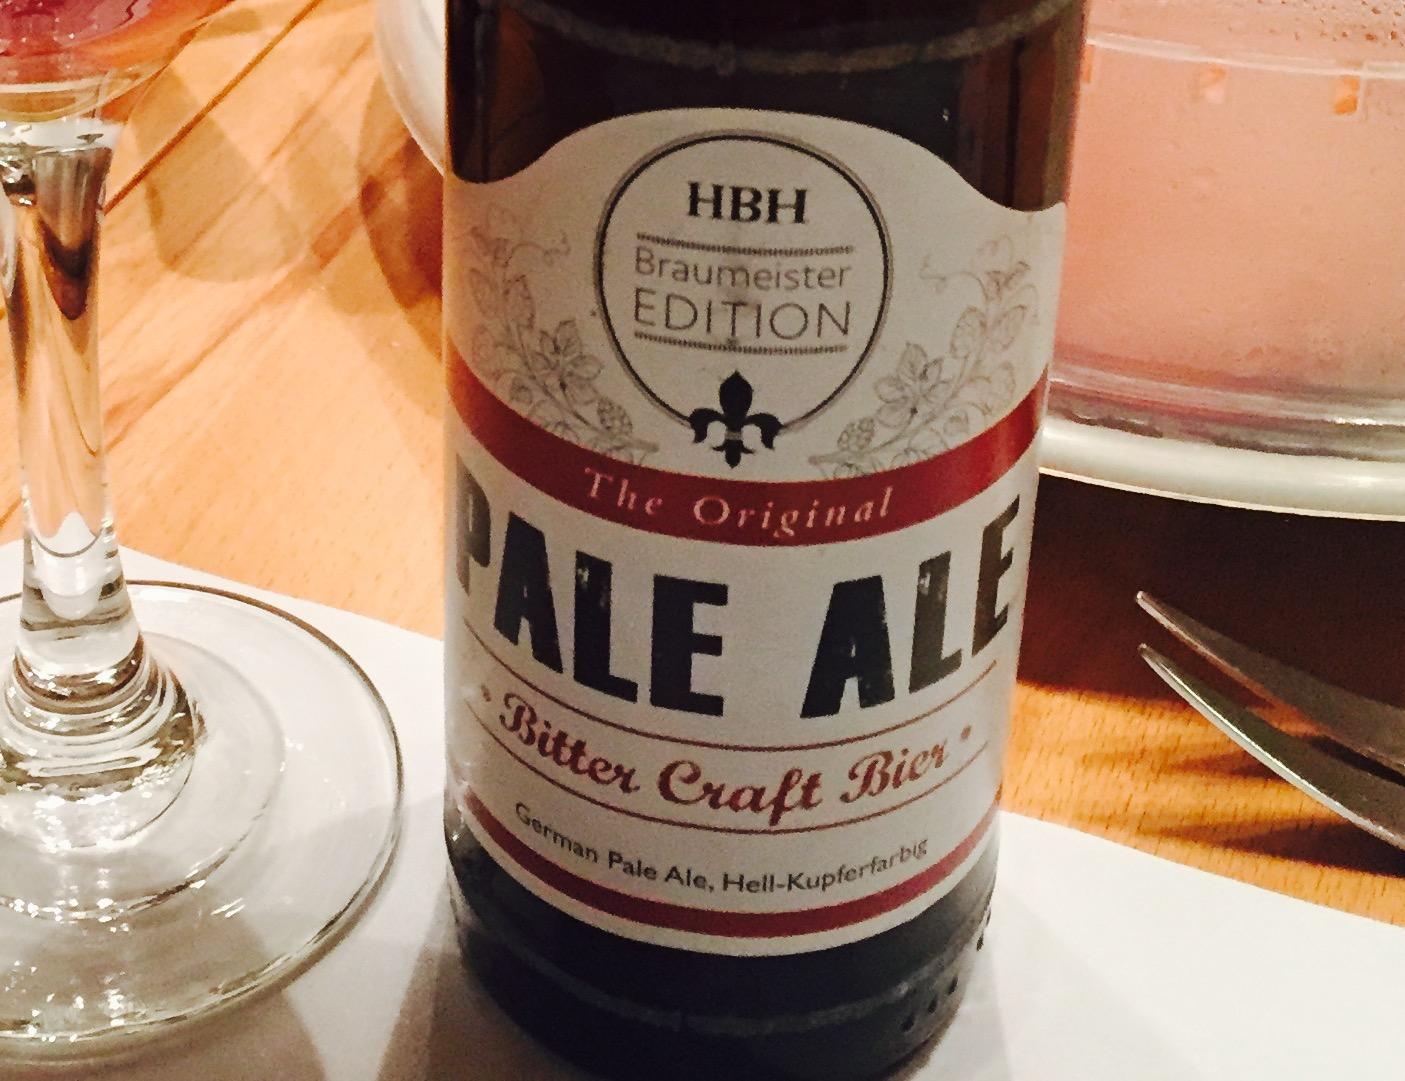 HBH - German Pale Ale